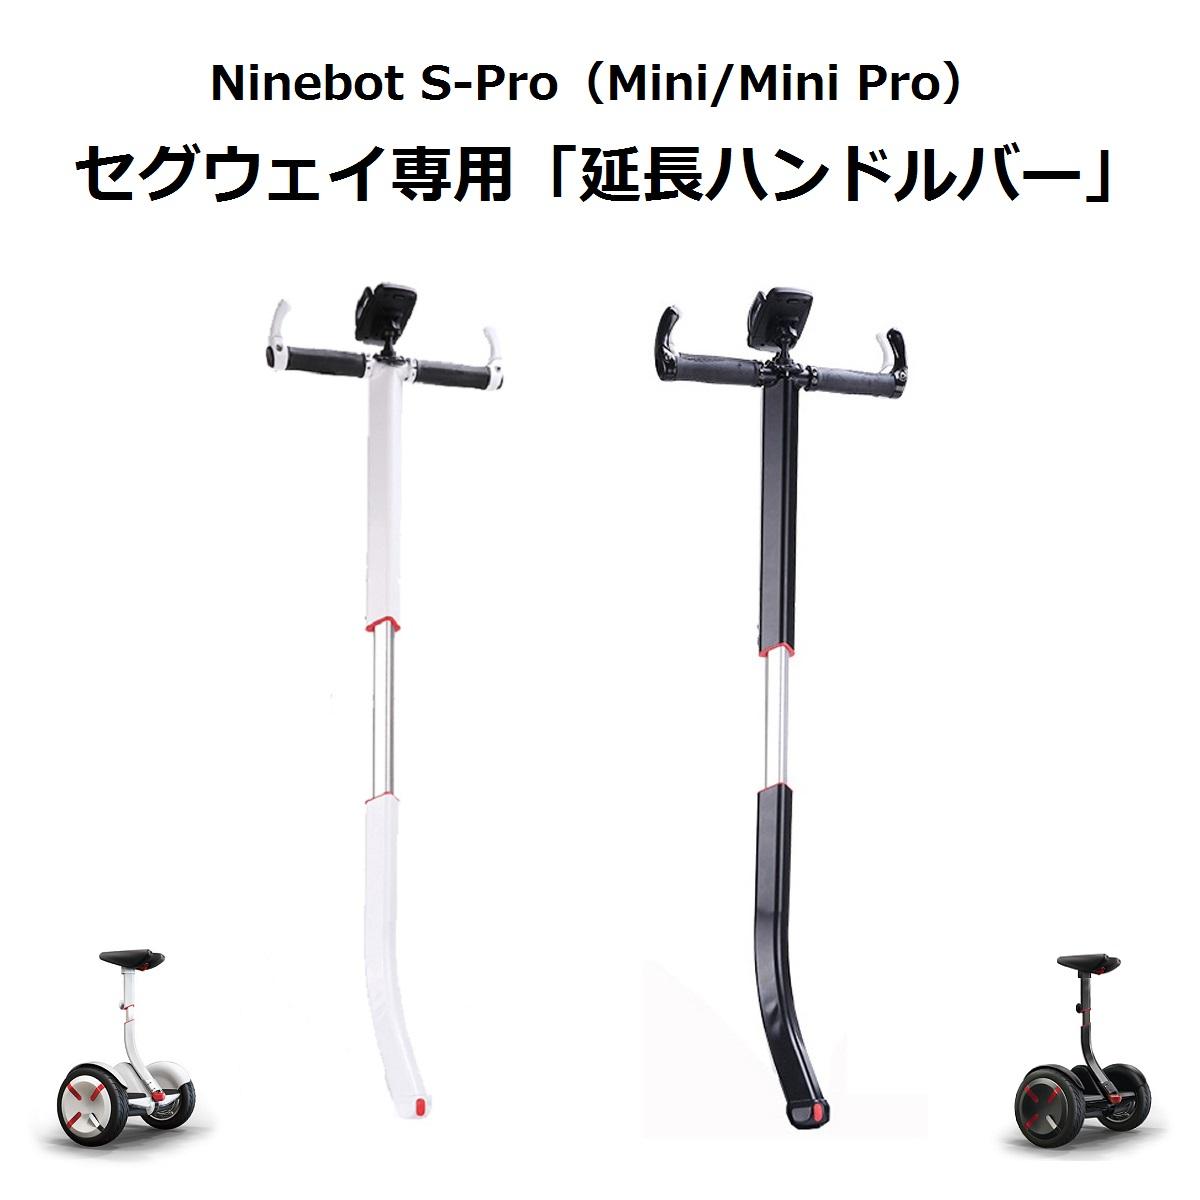 Ninebot MINI/MINI Pro (ナインボット ミニ/ミニプロ)ミニセグウェイ オプションパーツ ハンドステアリングバー